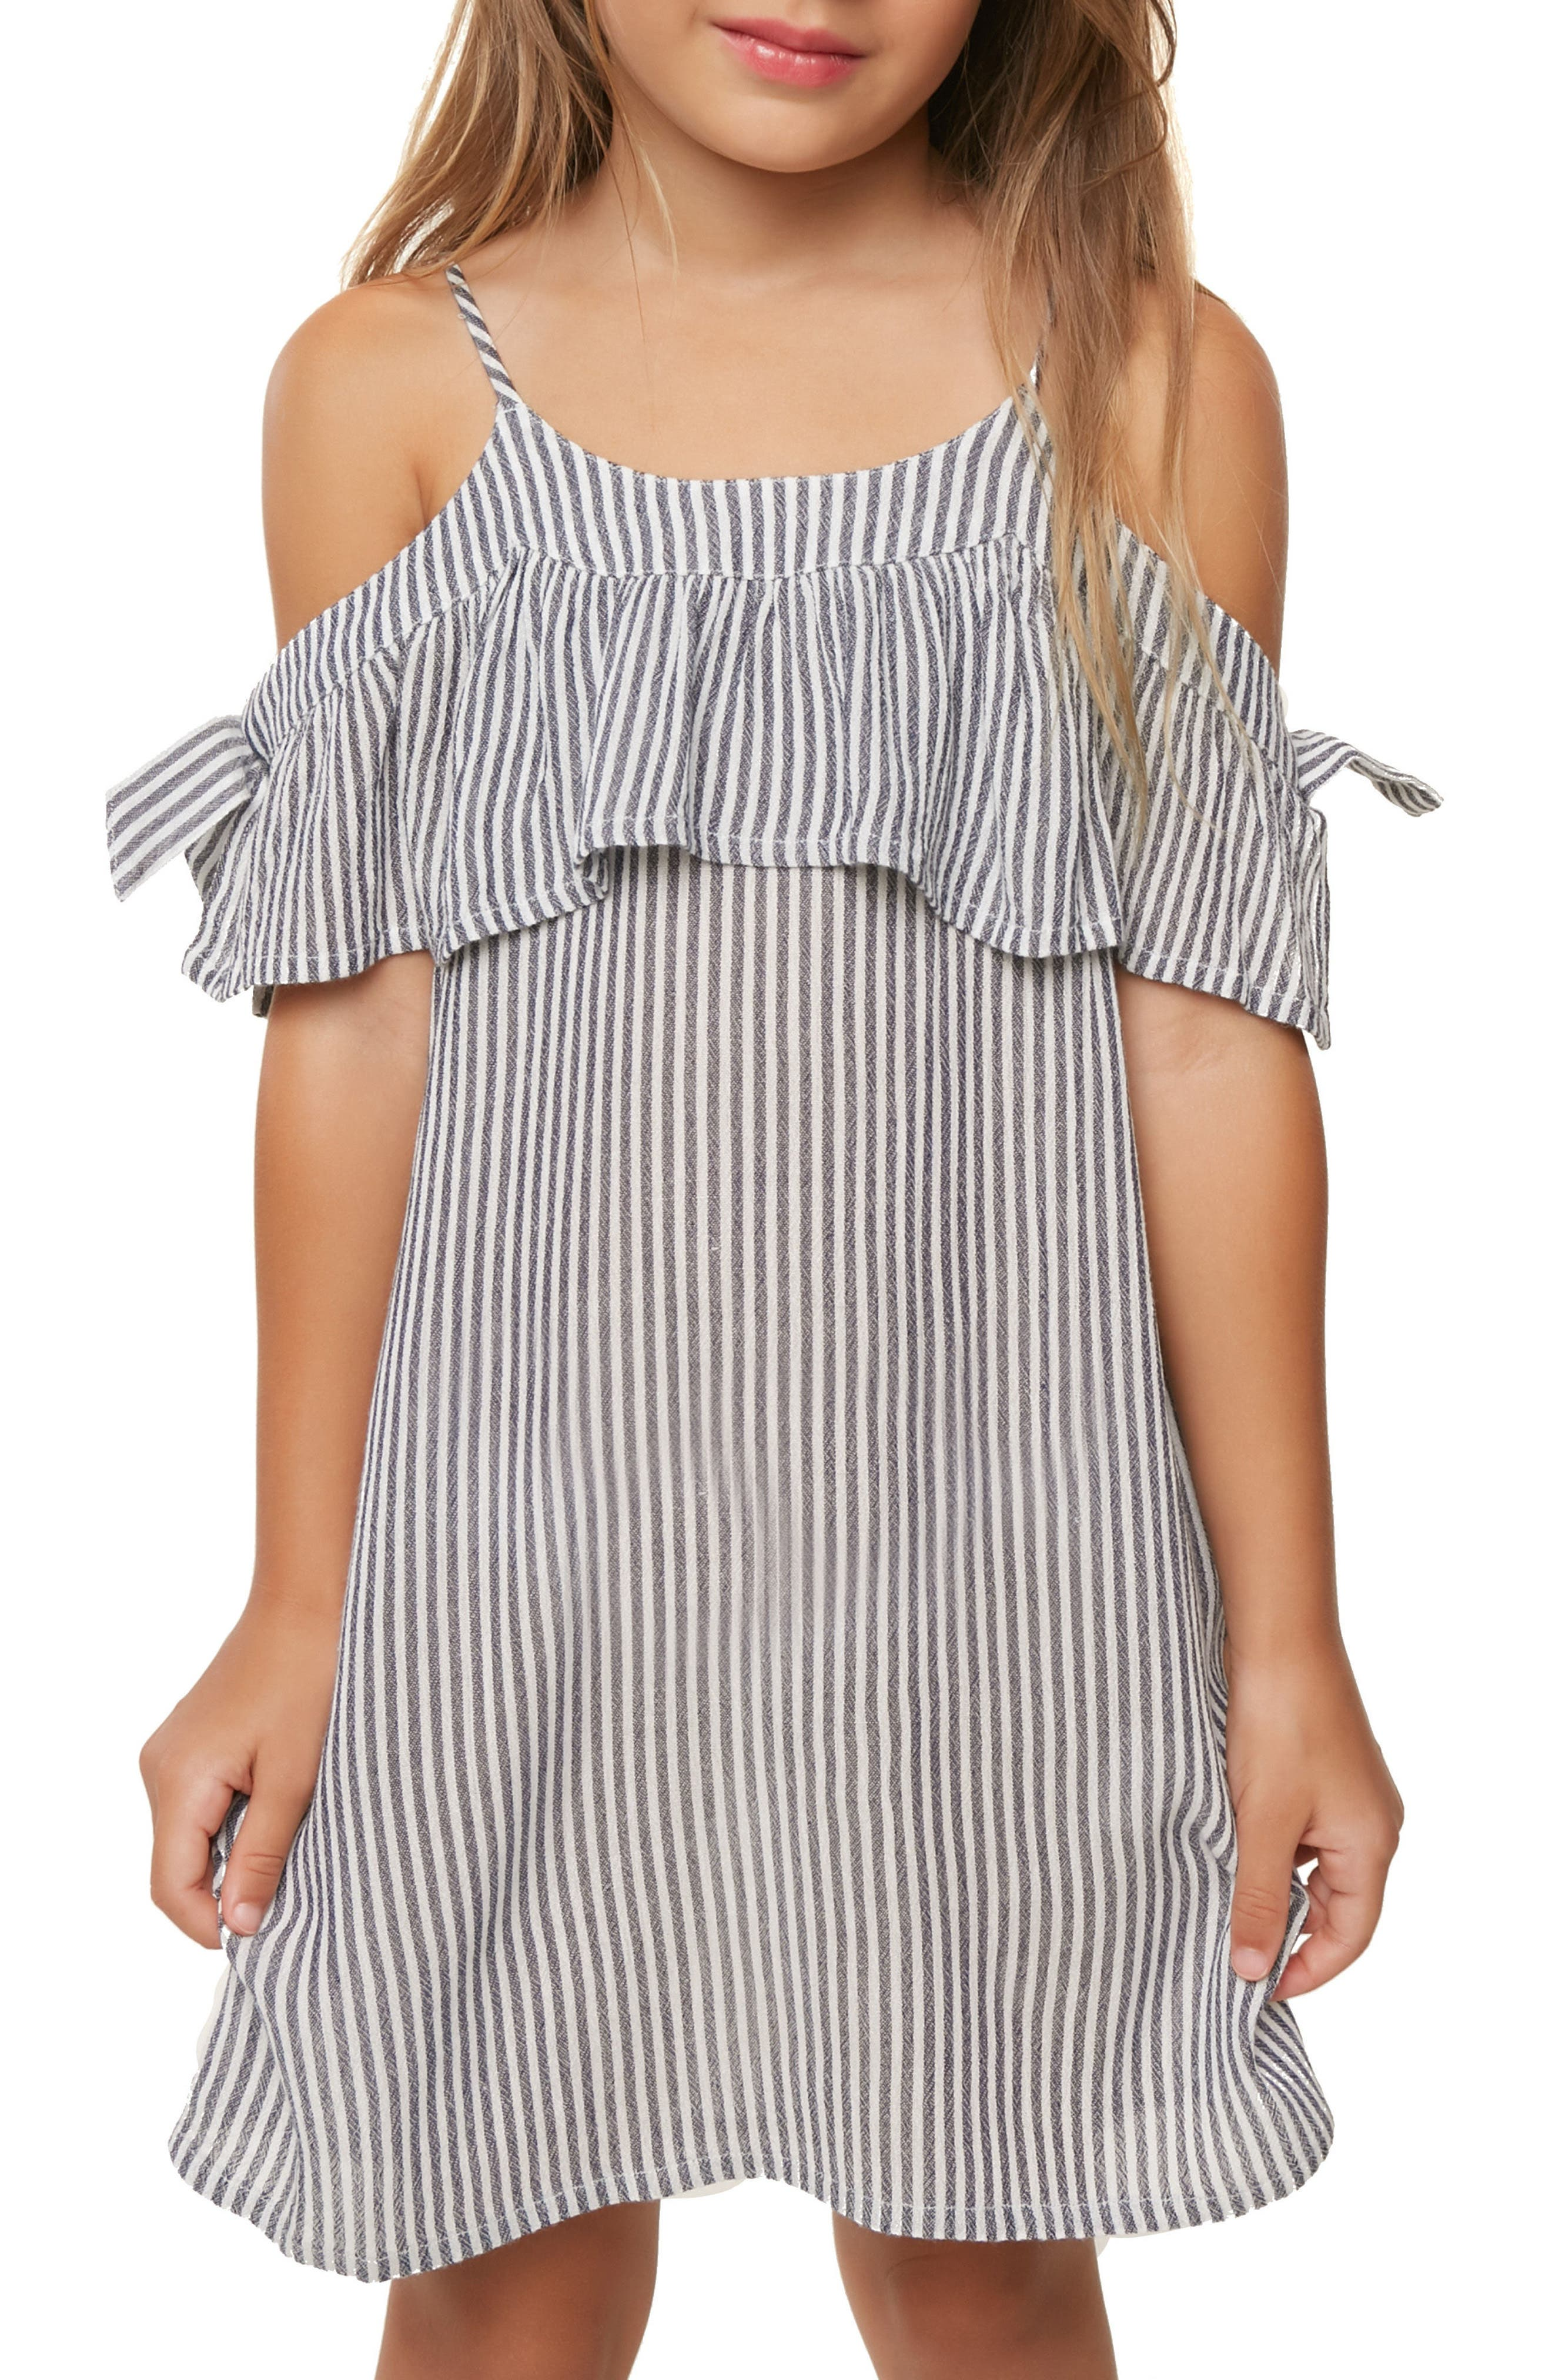 Myla Stripe Cold Shoulder Cover-Up Dress,                             Alternate thumbnail 5, color,                             400